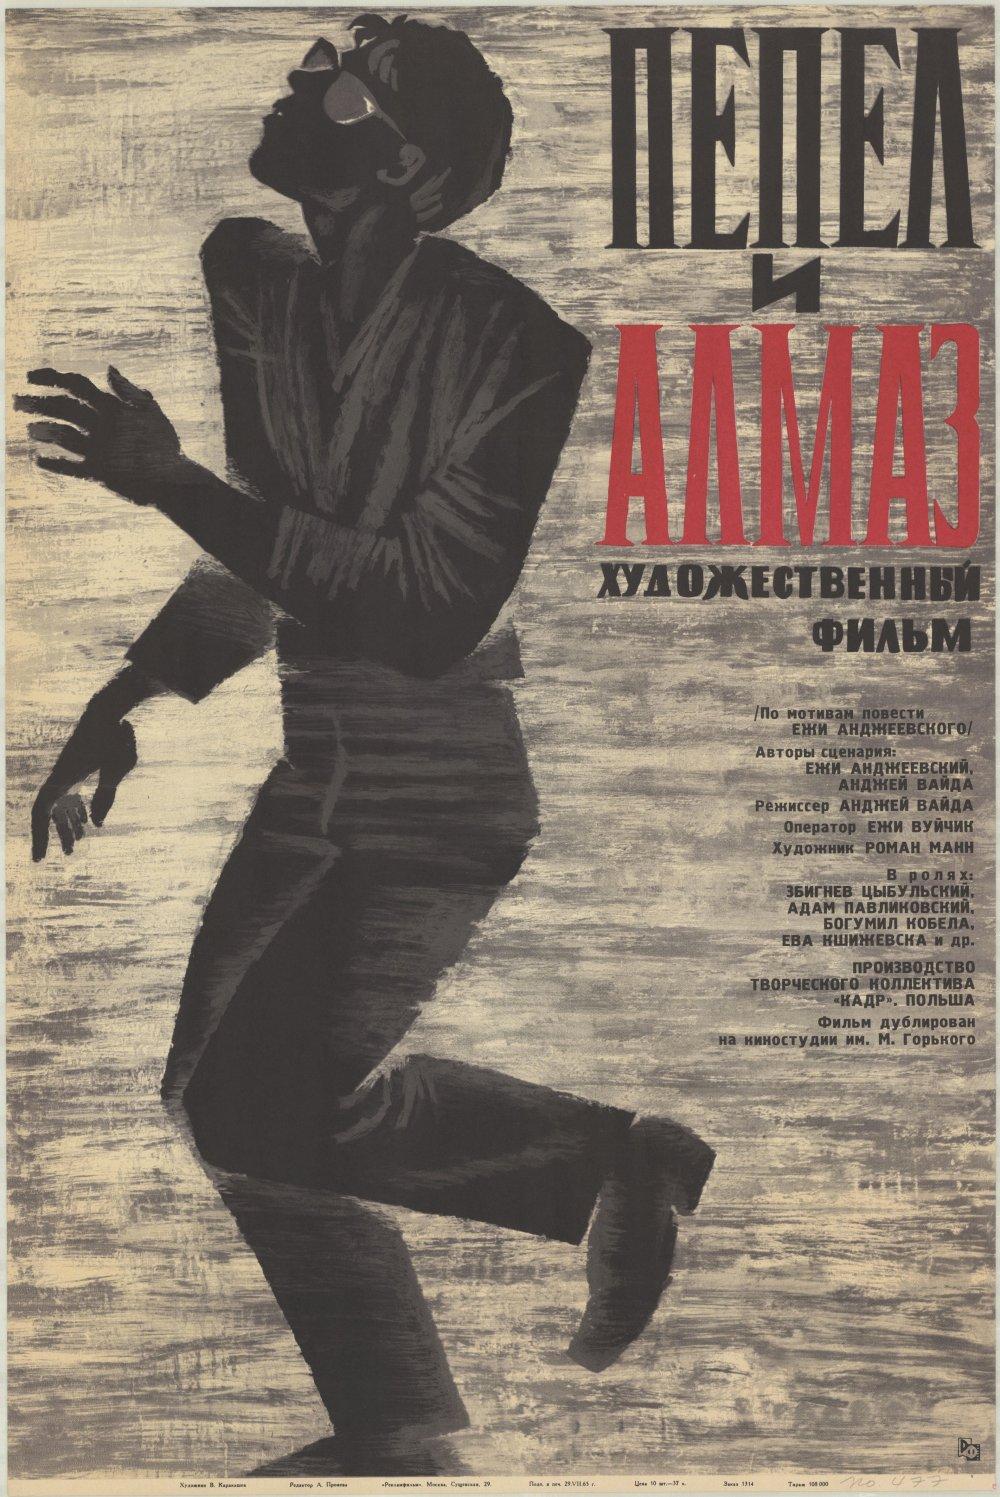 Ashes and Diamonds (1958): Soviet poster by W. Karakaszew, 1965